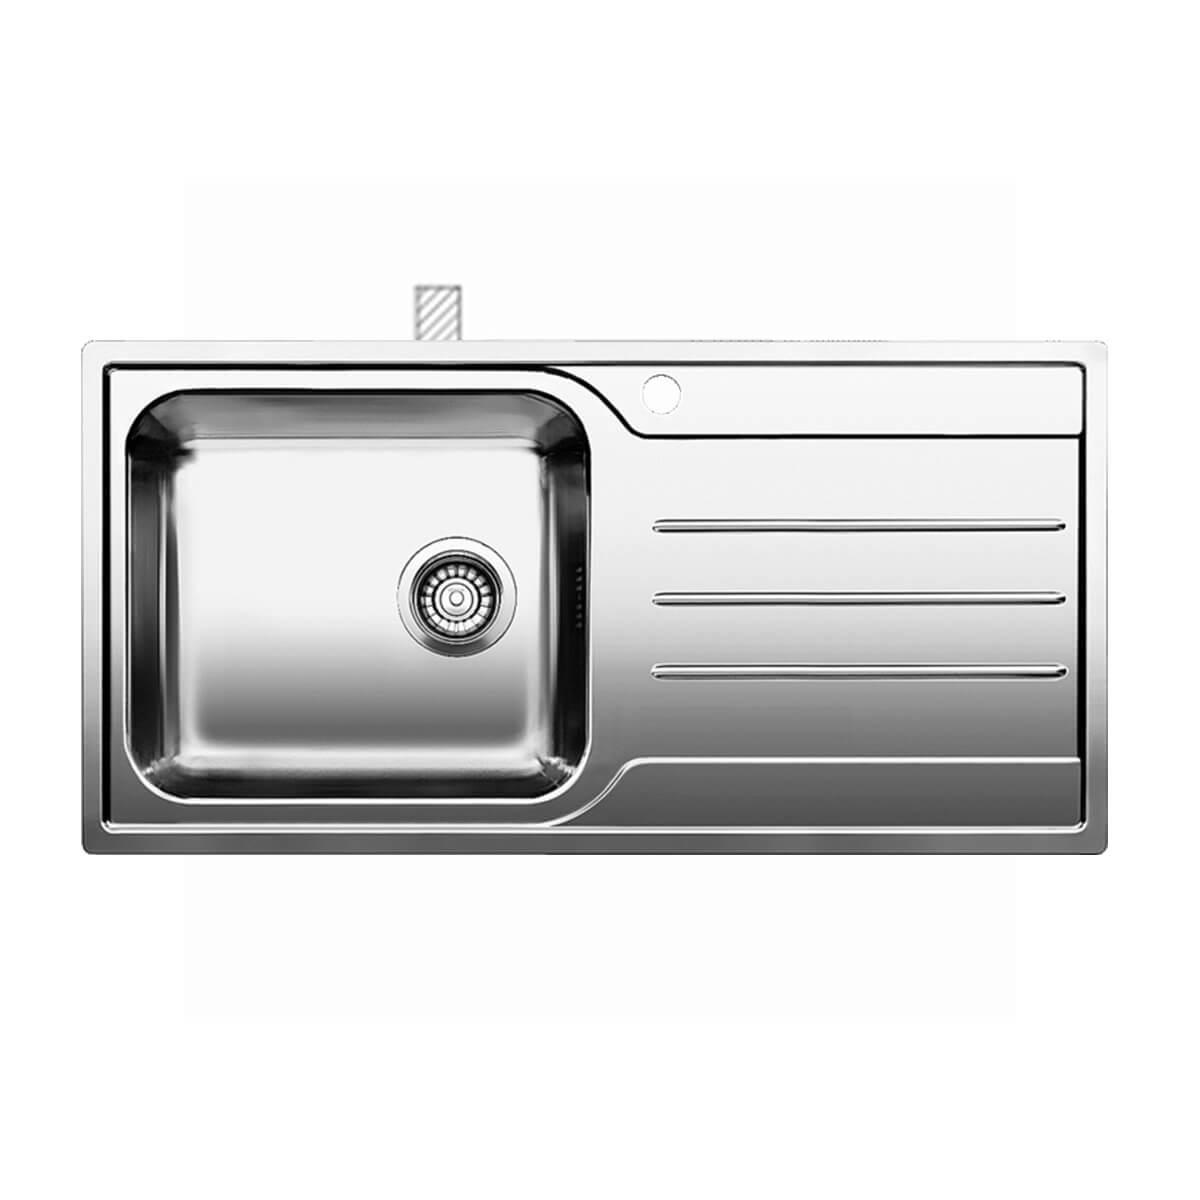 BLANCO ΑΝΟΞΕΙΔΩΤΟΣ ΝΕΡΟΧΥΤΗΣ ΕΝΘΕΤΟΣ MEDIAN XL 6 S-IF ΛΕΙΟΣ ΓΟΥΡΝΑ ΑΡΙΣΤΕΡΑ (100x50) 1